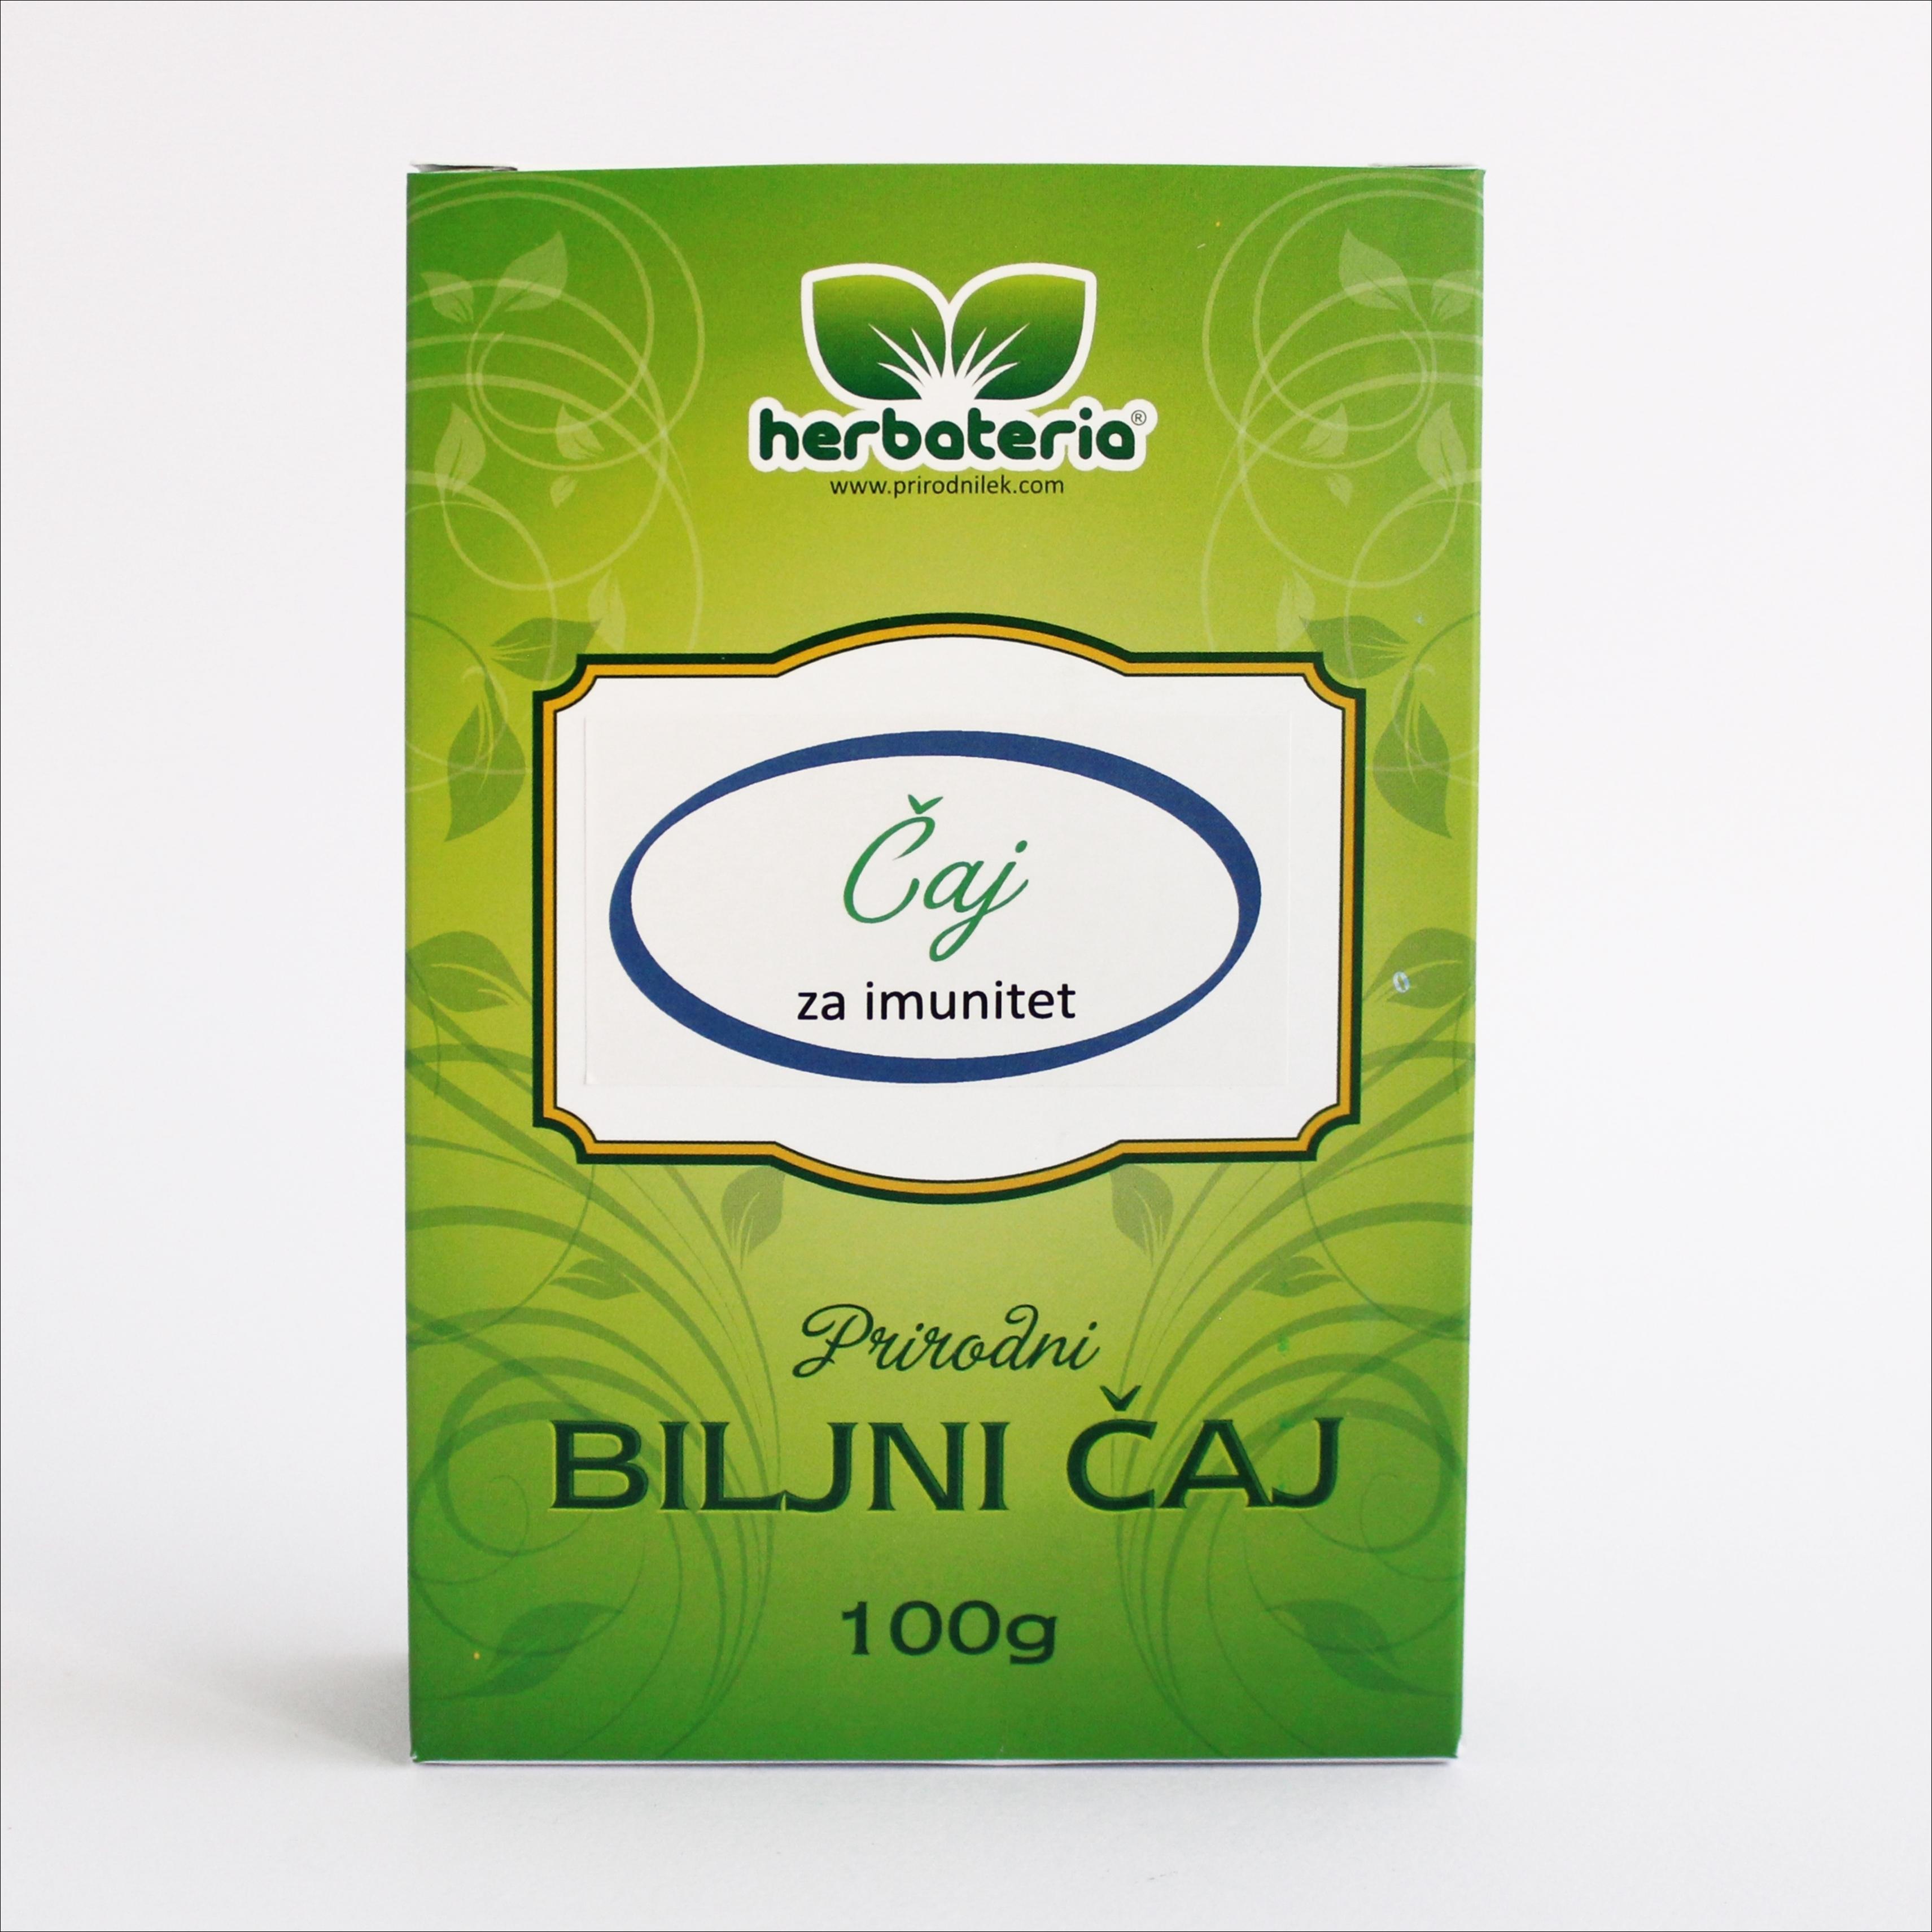 Herbateria - Čaj za imunitet 00309